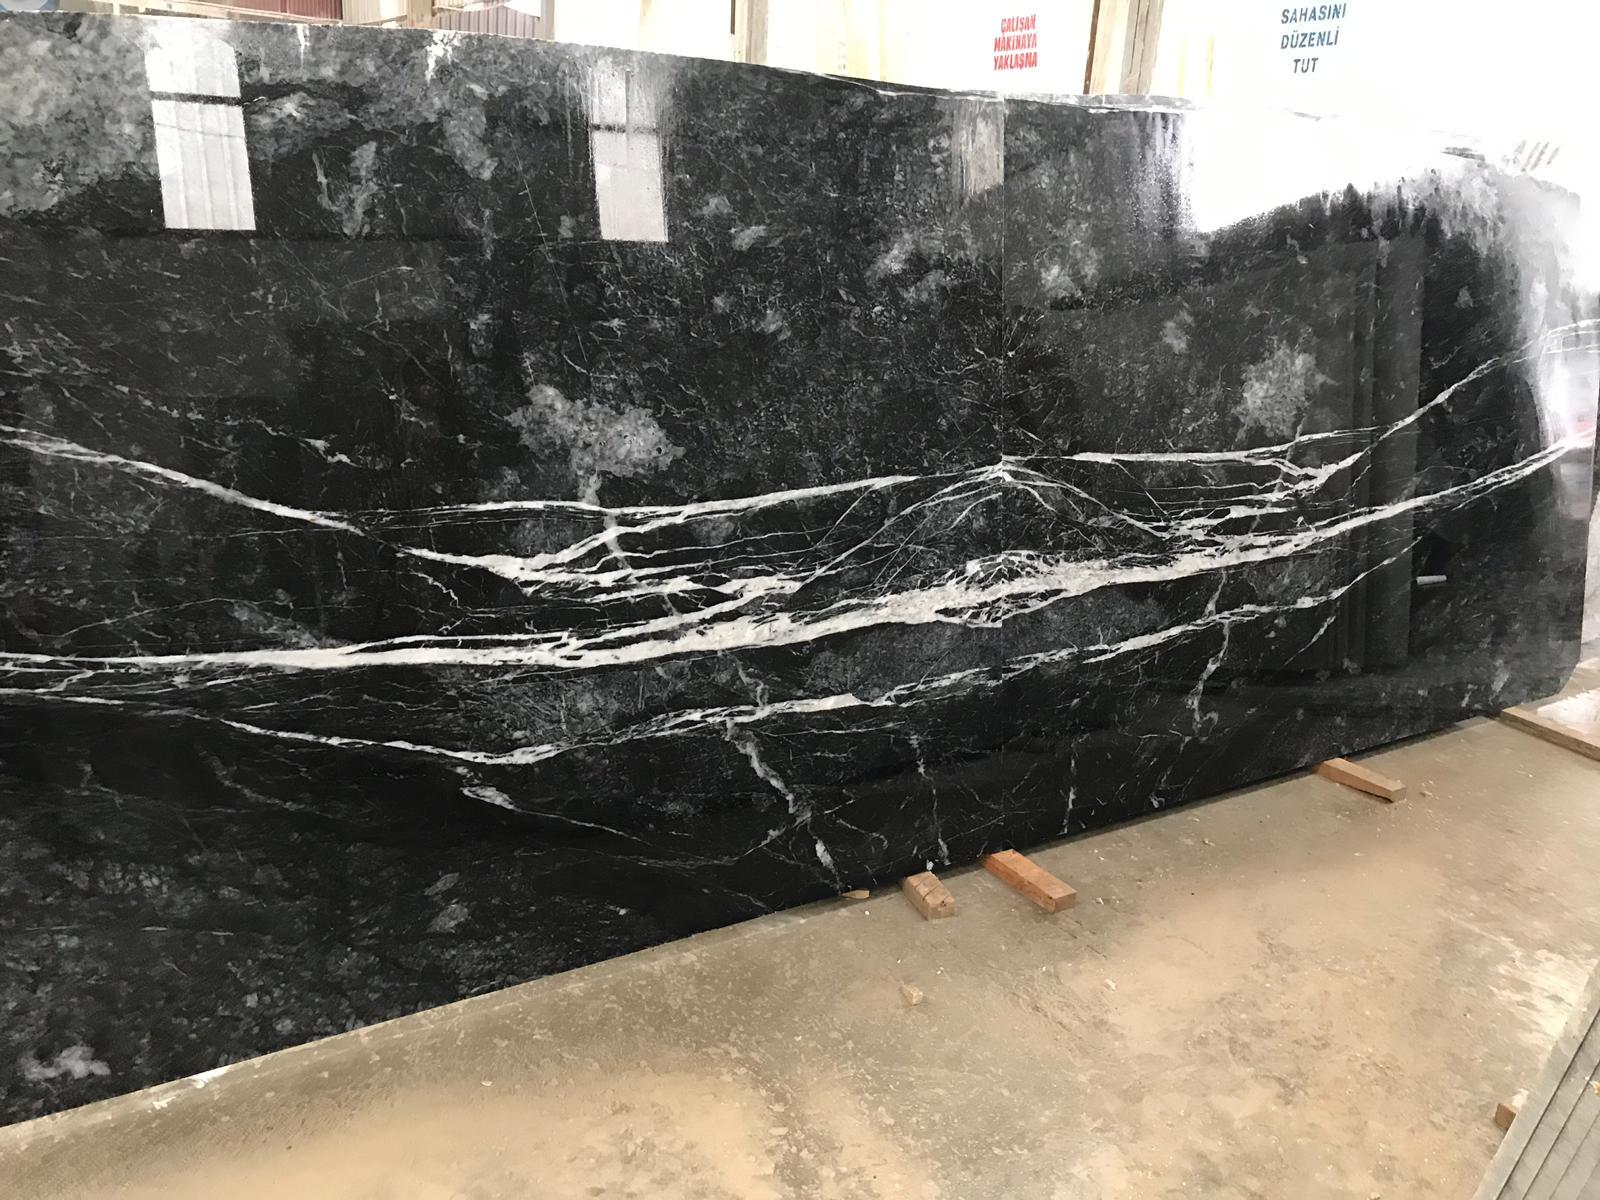 Mugla Black Polished Marble Slabs from Turkey